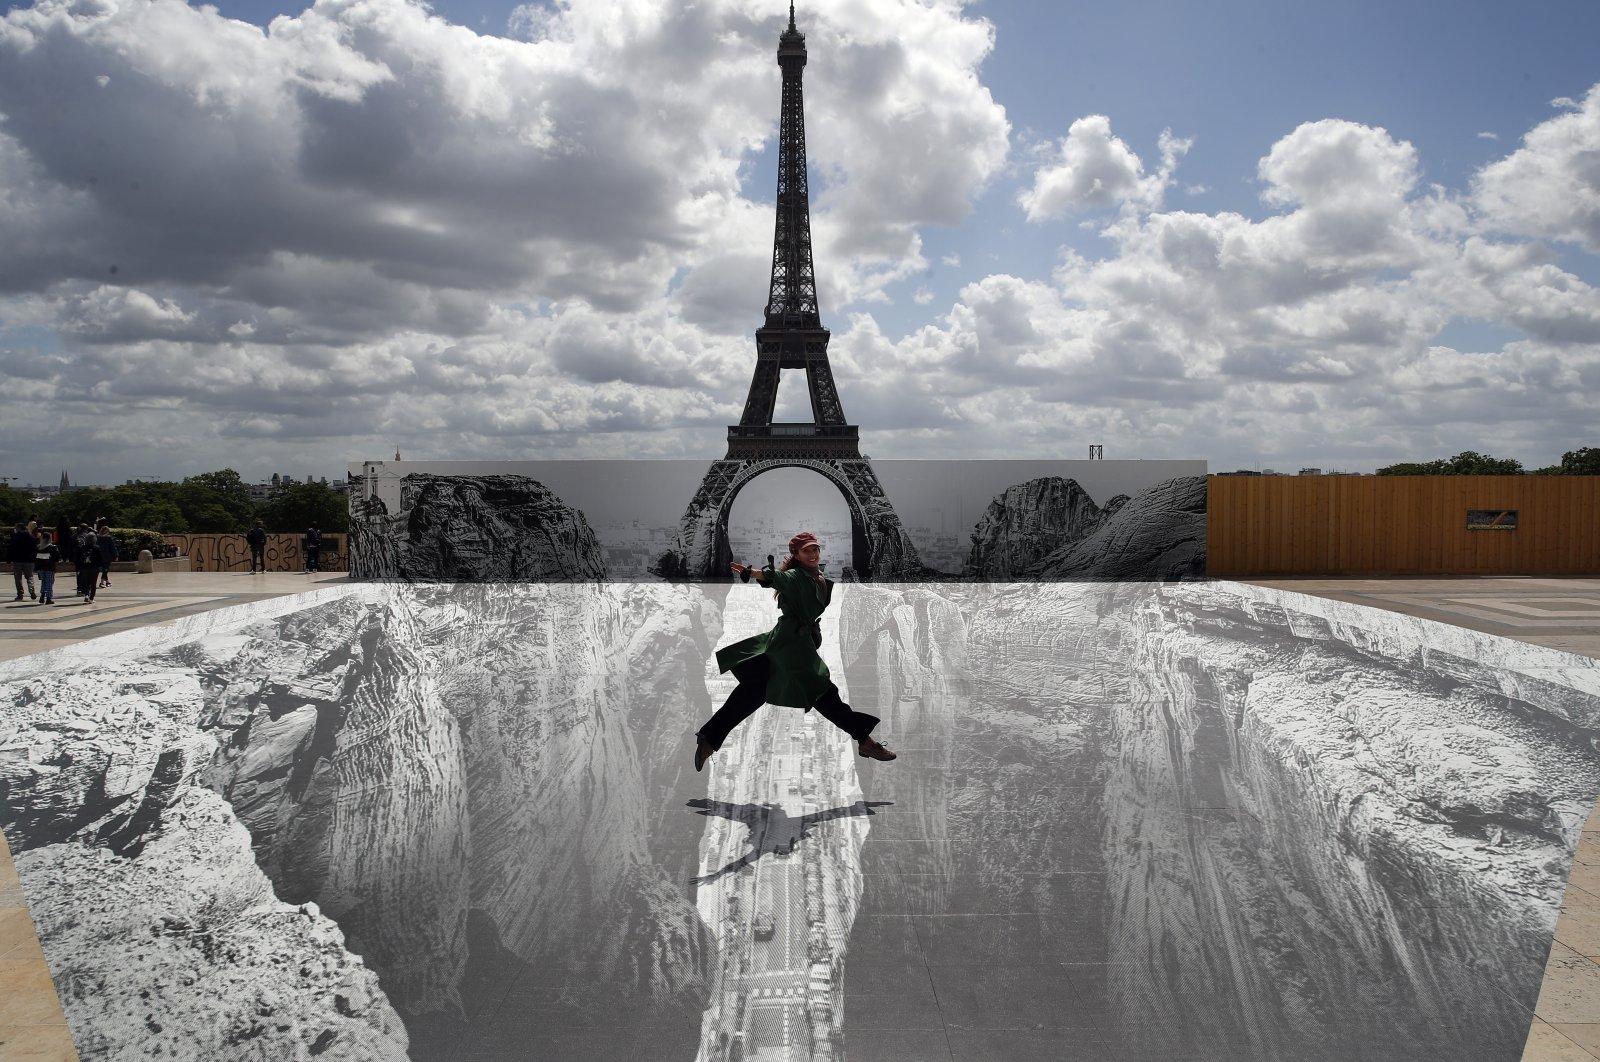 Công trình được dựng tại Paris từ năm 1889, hiện có diện mạo kỳ ảo nhờ tác phẩm 3D khổng lồ của JR. Ảnh: AP